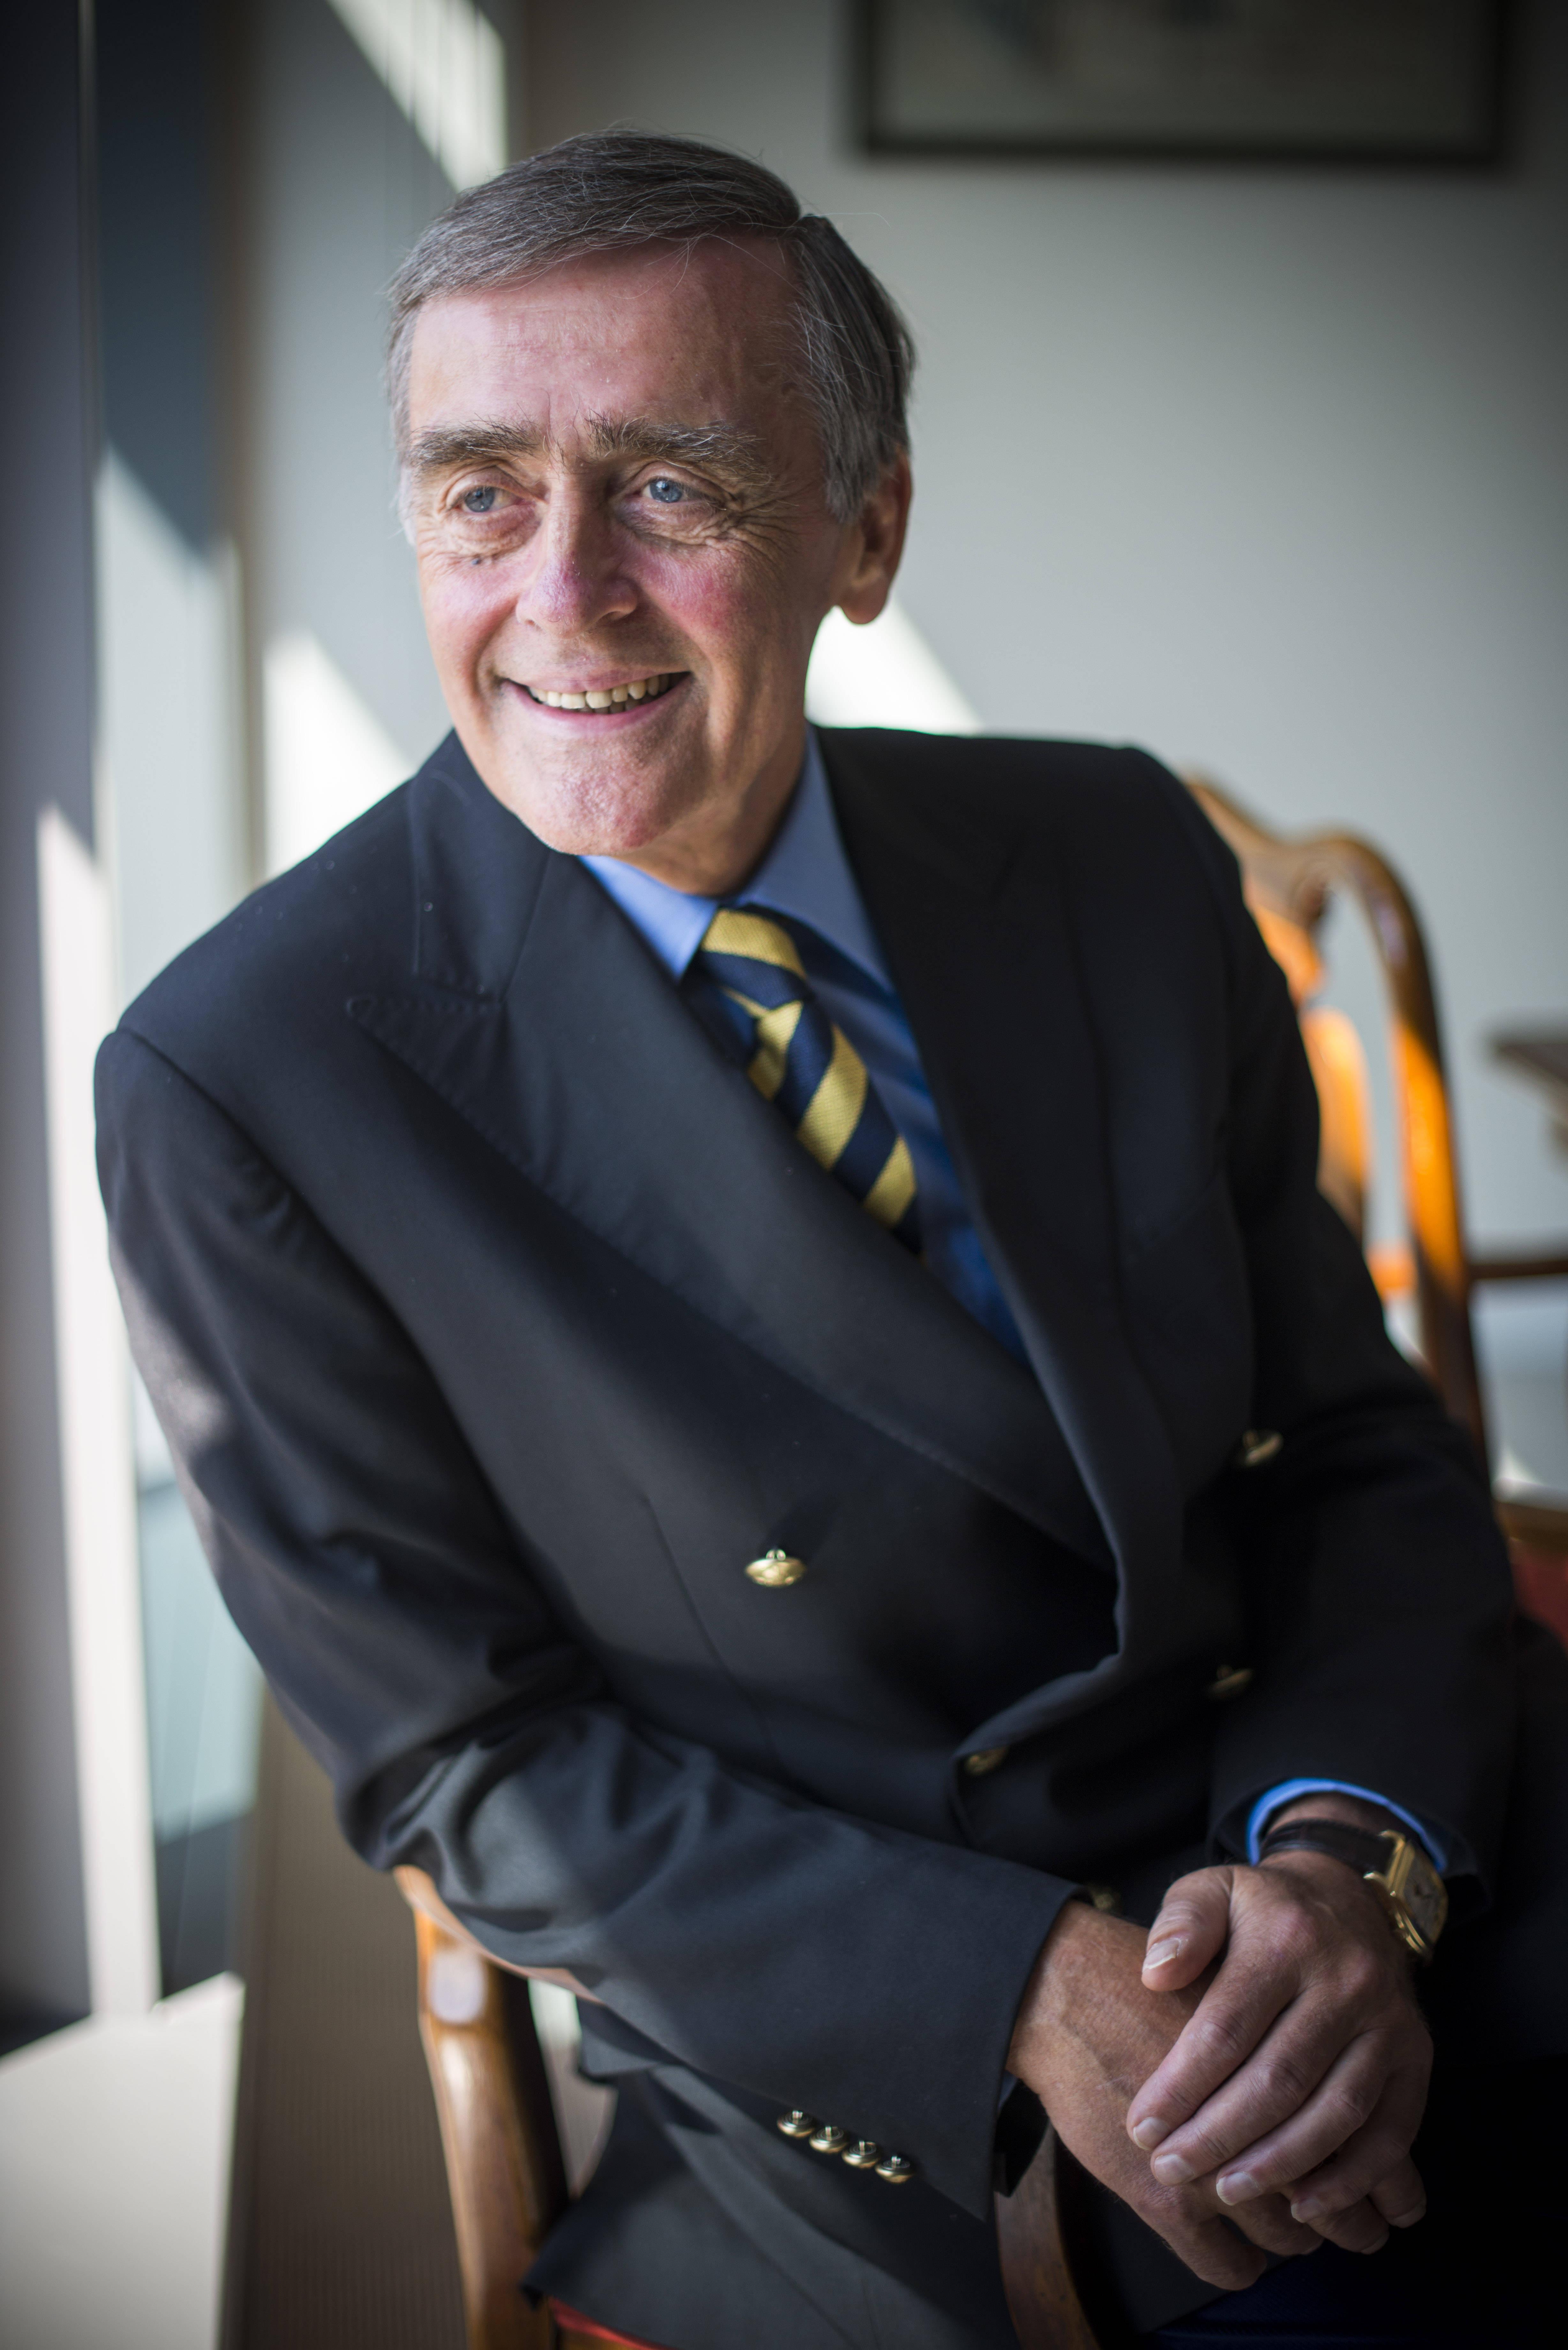 Герцог Вестминстерский Джеральд Гросвенор - третий богатейший человек Британии - скончался от сердечного приступа в 64 года. Фото: GLOBAL LOOK PRESS